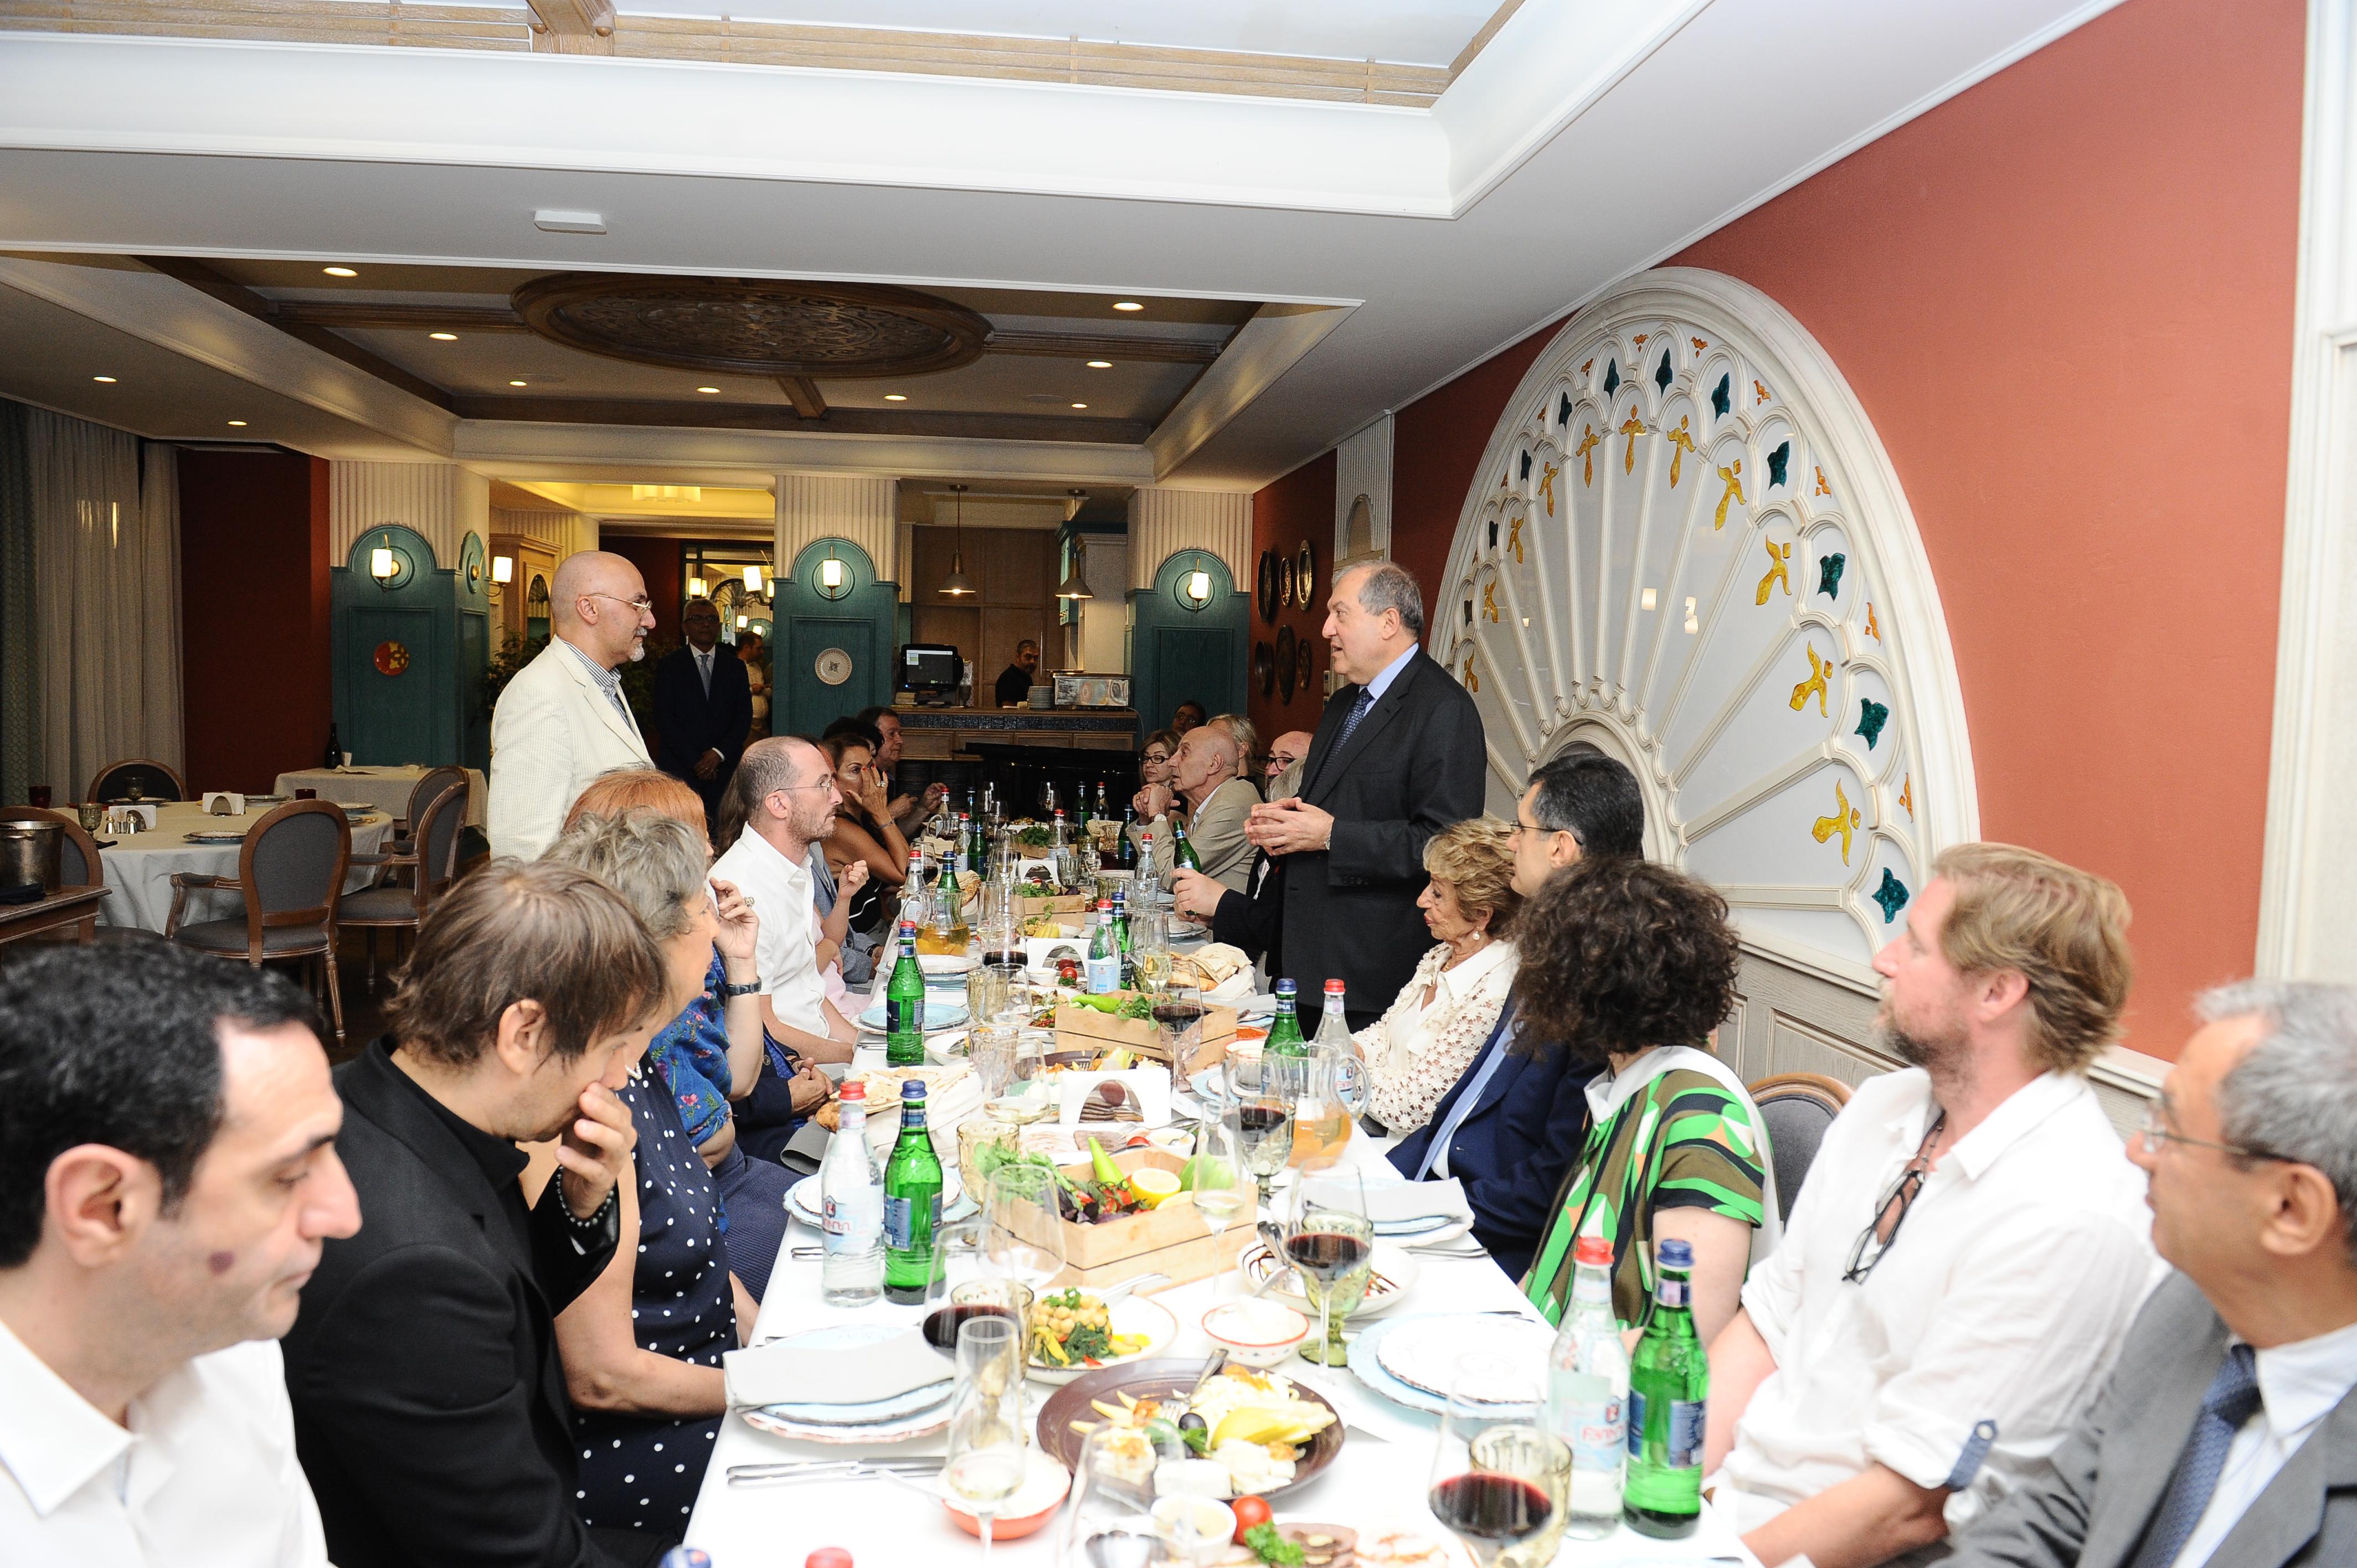 Արմեն Սարգսյանն ընթրիք-հանդիպում է ունեցել հայտնի կինոգործիչների հետ (լուսանկարներ)